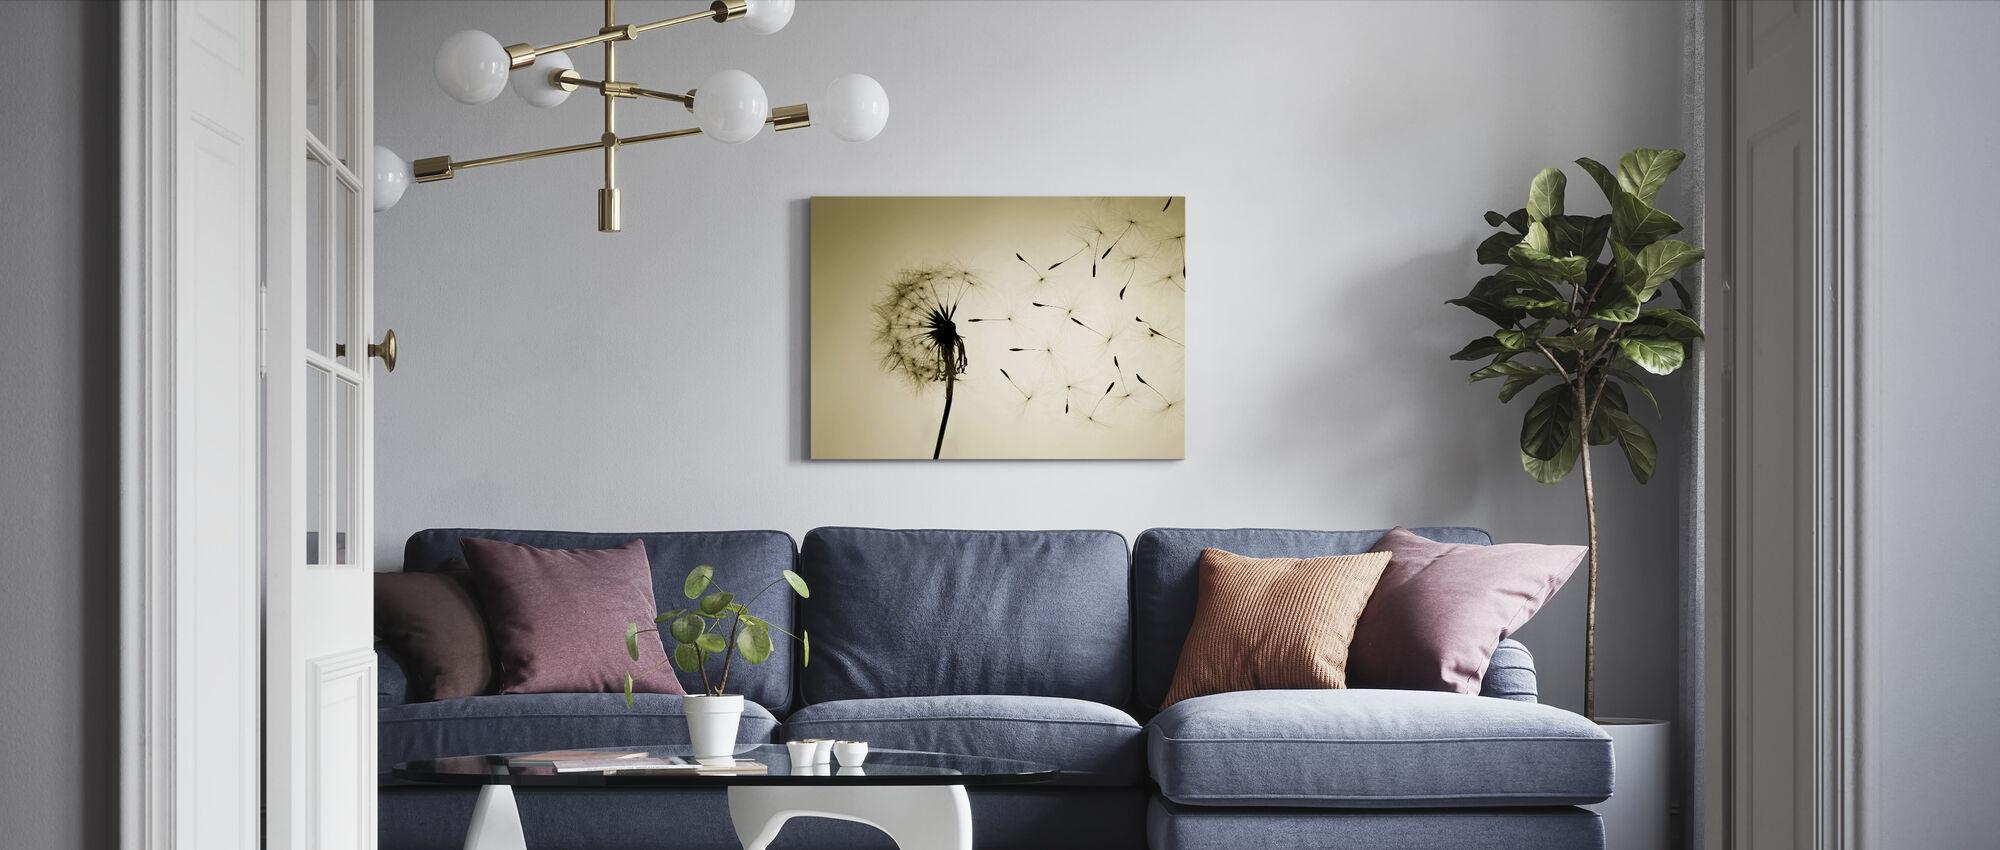 Löwenzahn - Leinwandbild - Wohnzimmer